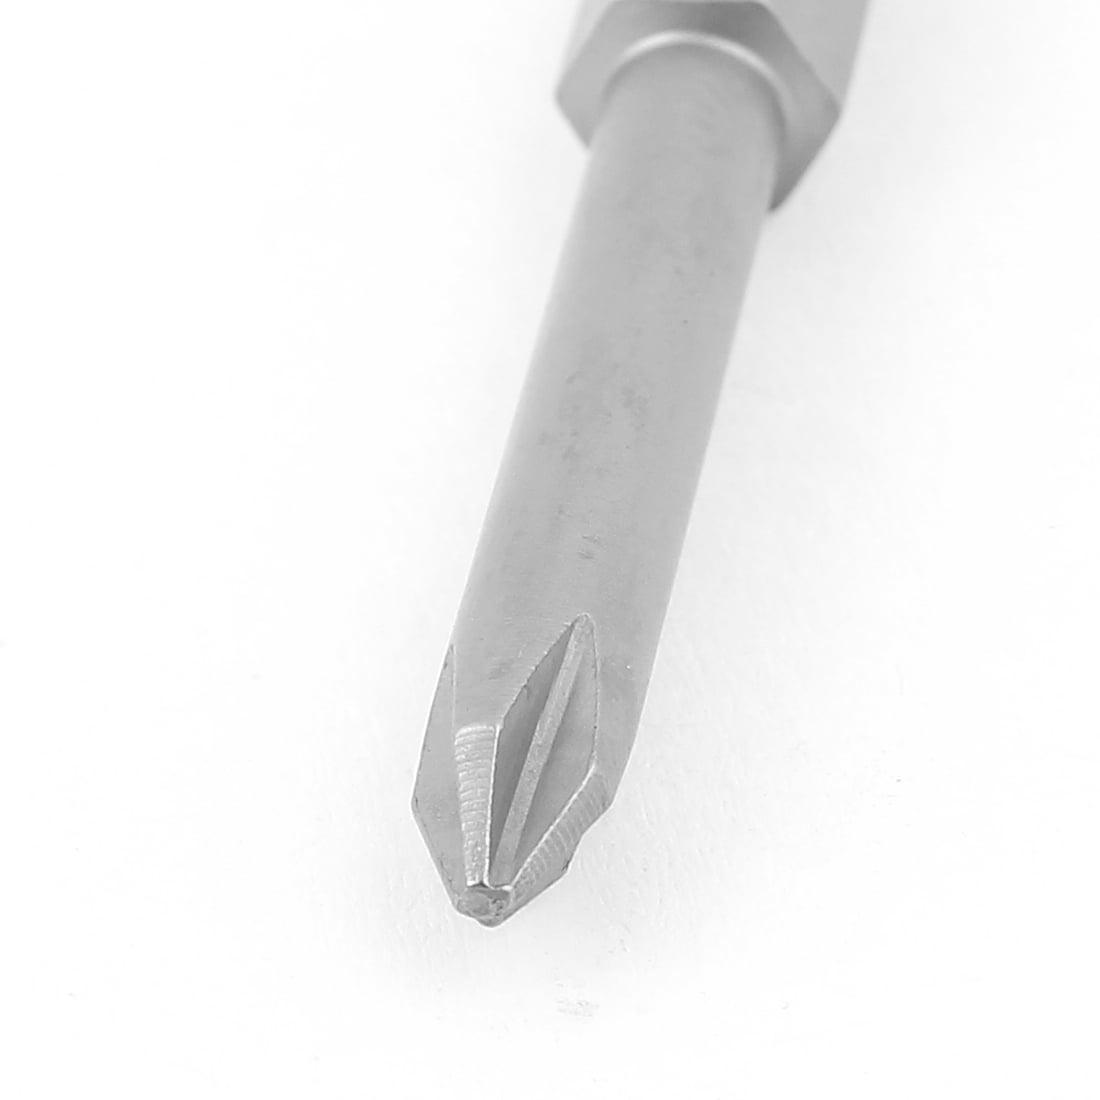 """5pcs 1/4"""" Hex Shank 4.5mm PH1 Magnetic  Crosshead Screwdriver Bits 50mm - image 1 de 3"""